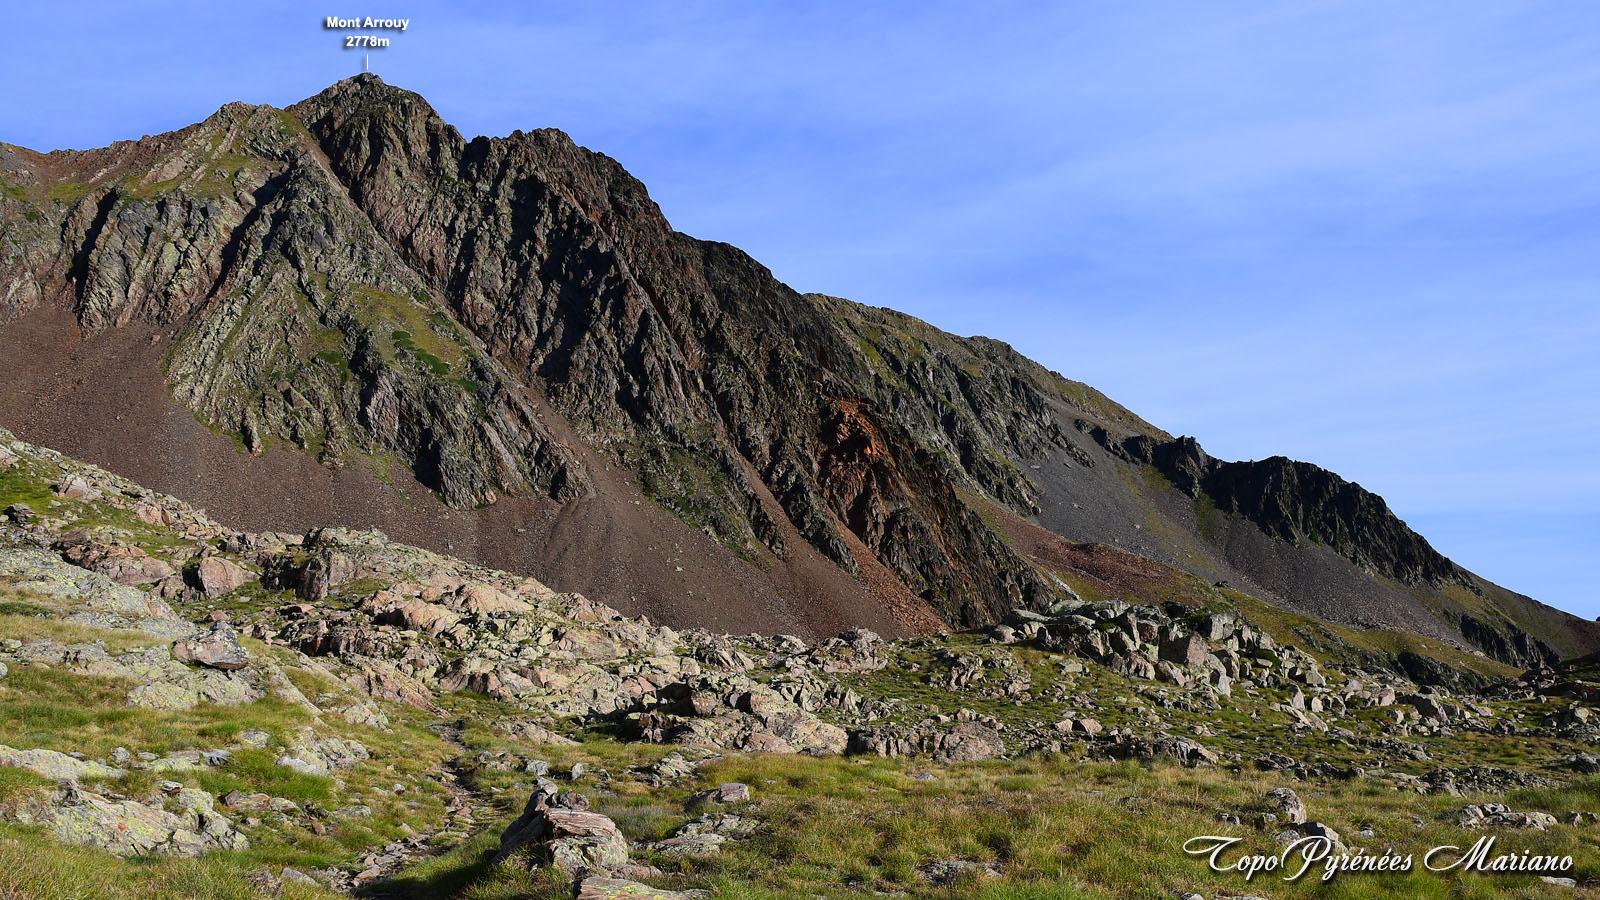 Randonnée Pic Arrouy 2778m